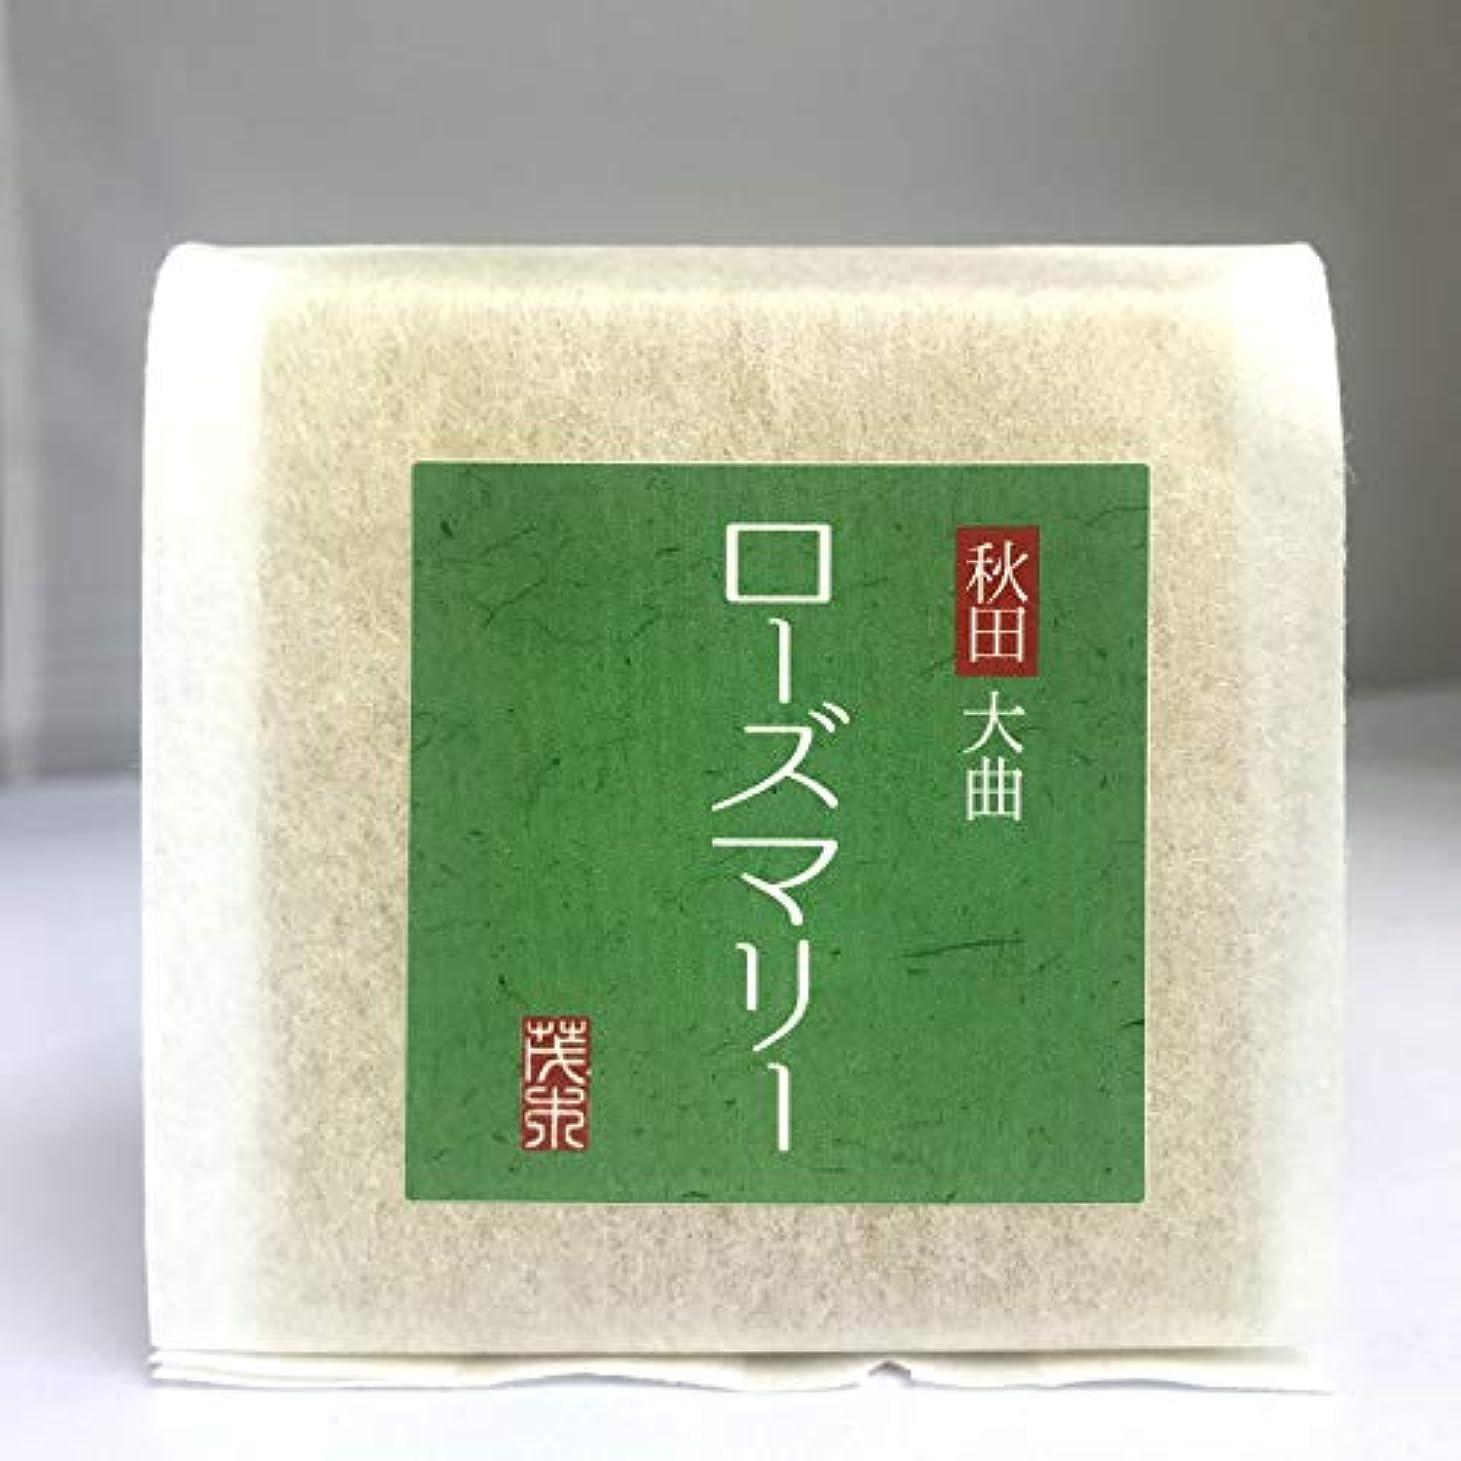 ポーンばか恒久的無添加石鹸 ローズマリー石鹸 100g